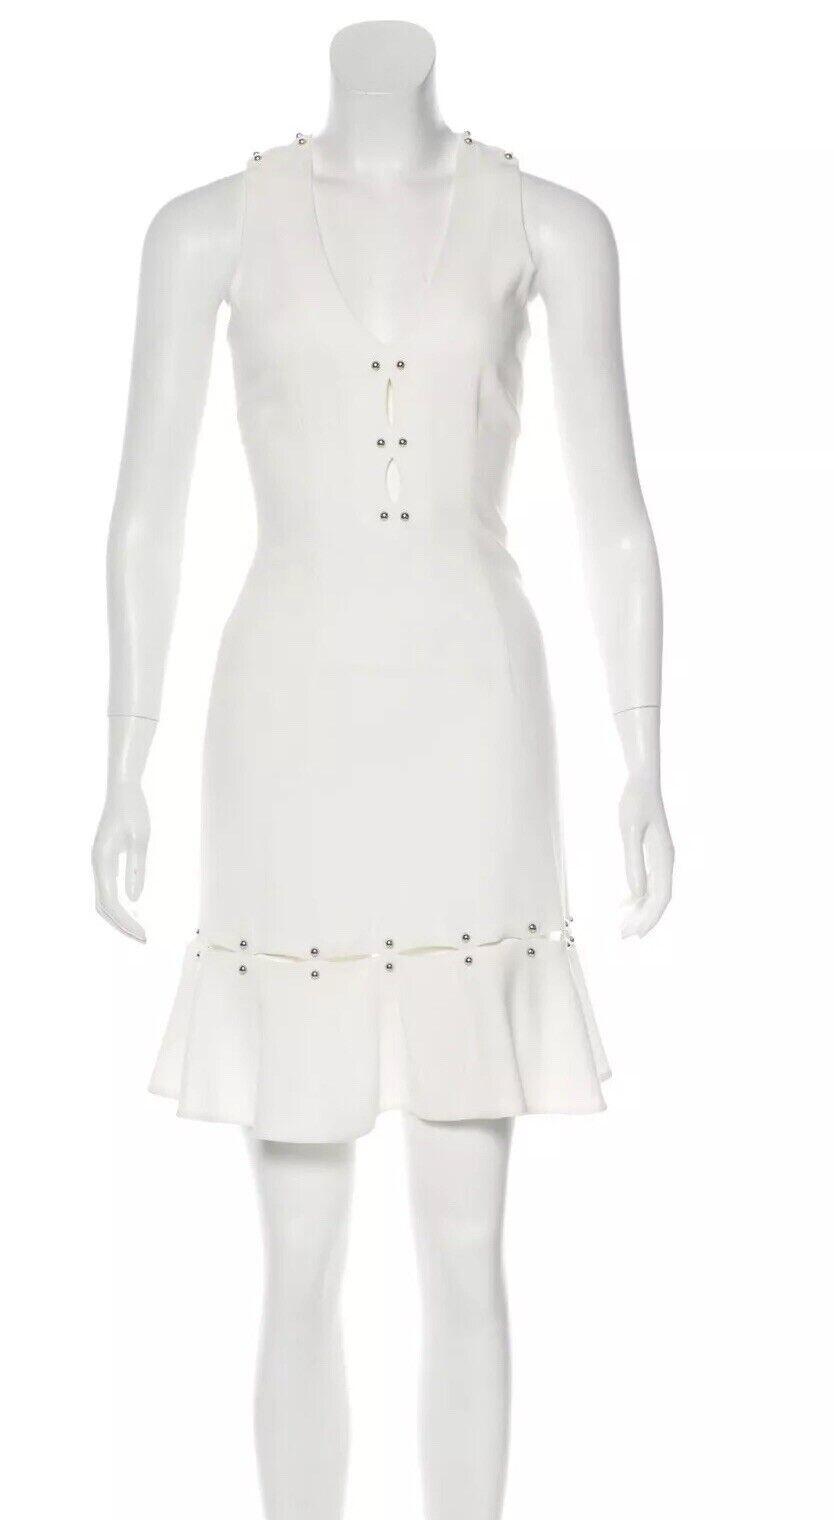 Nuevo con etiquetas Jonathan  Simkhai blancoo de la Llamarada Vestido Talla 0 XS pernos de metal Barbo  presentando toda la última moda de la calle